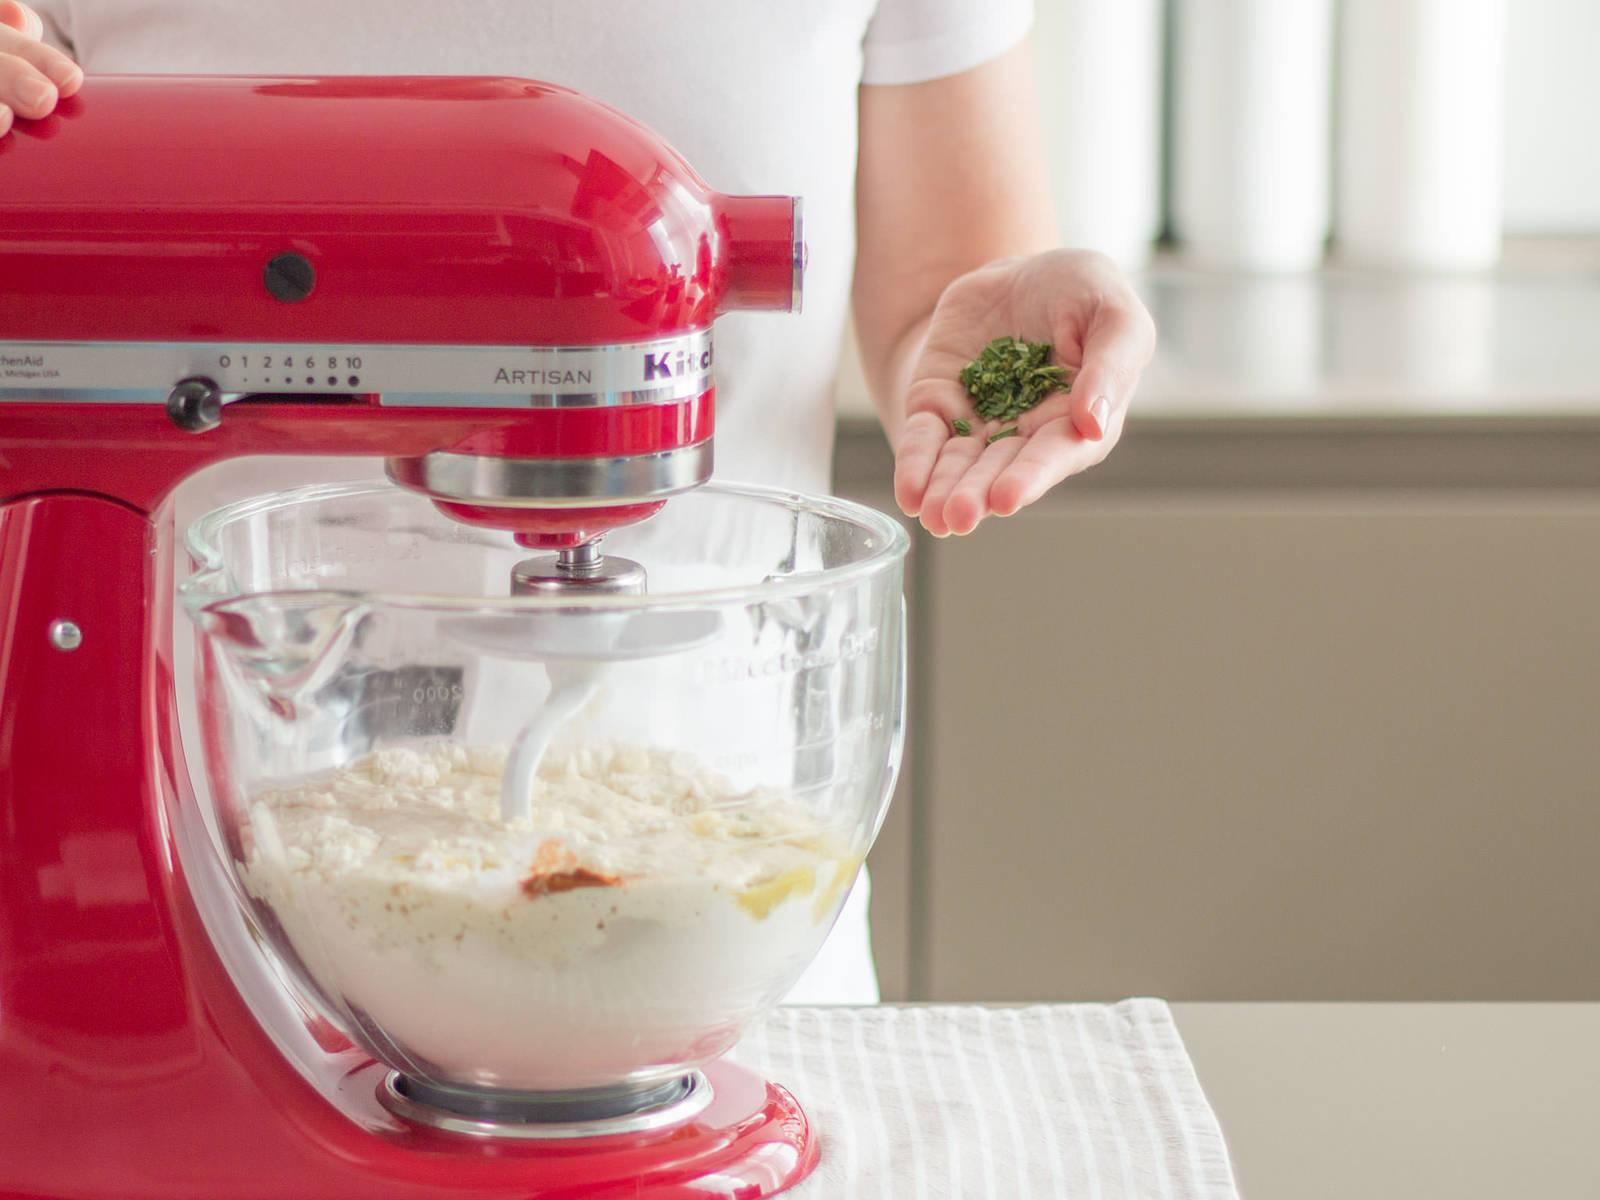 Olivenöl, Salz, Paprikapulver, Knoblauch und Rosmarin in die Küchenmaschine geben und ca. 10 Min. glatt rühren. Bei Bedarf den Teig vom Rand abkratzen. Abdecken und Teig an einem warmen Ort ca. 60 Min. gehen lassen oder bis er sich verdoppelt hat.